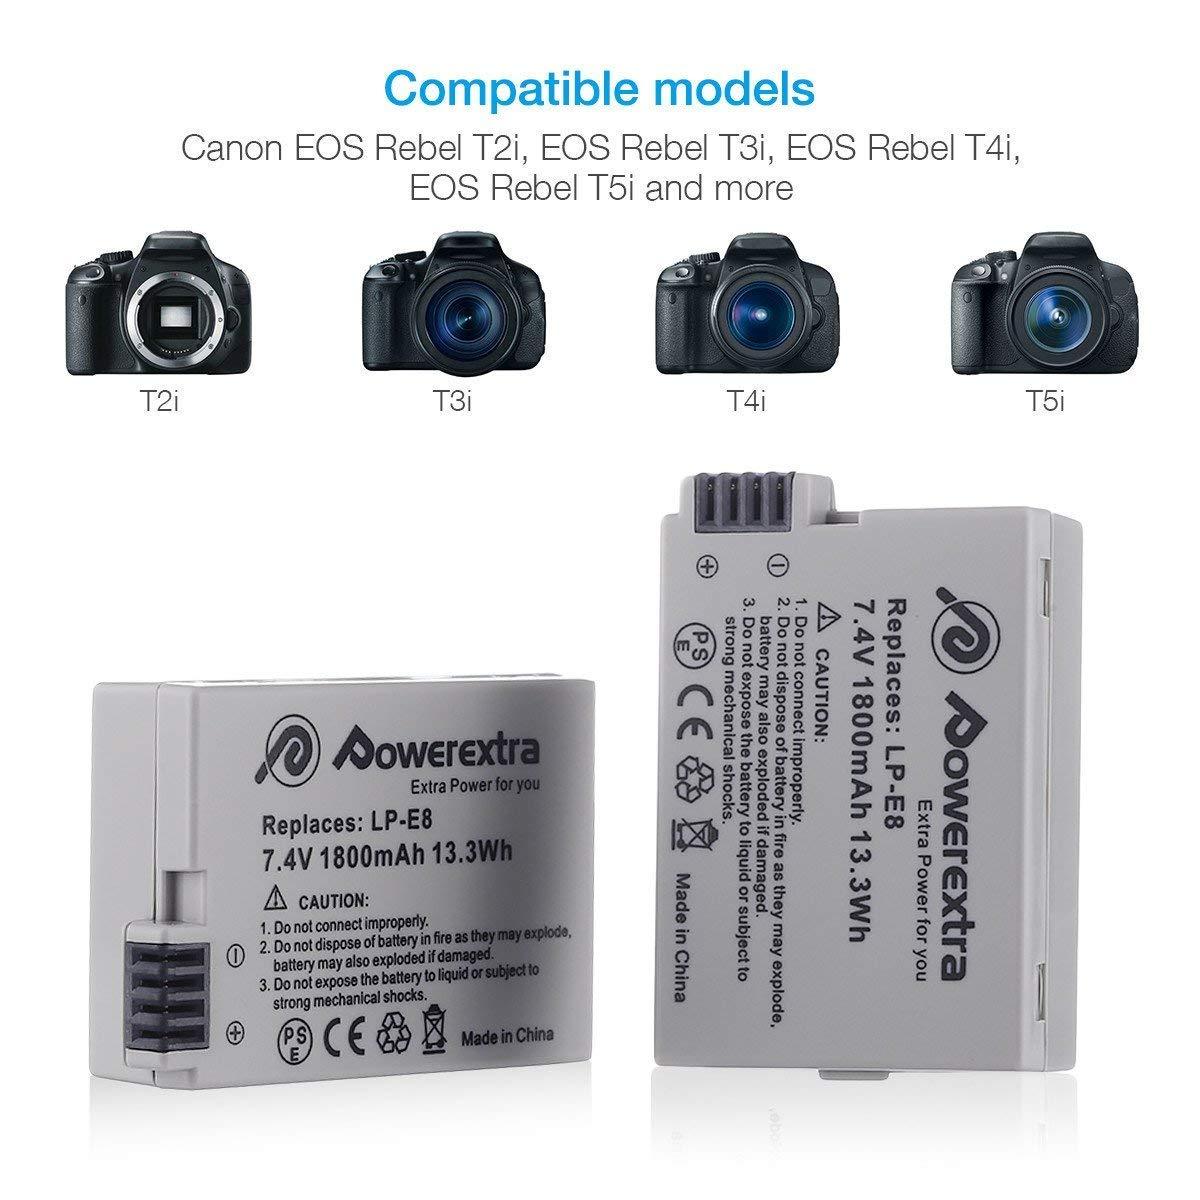 T2i T4i 700D 650D Powerextra Lot de 2 batteries de rechange compatible Canon/LP-E8 pour Canon Rebel T3i LC-E8E 7,4/V 1/800/mAh T5i Kiss X6 Kiss X5 EOS 600D 550D X4